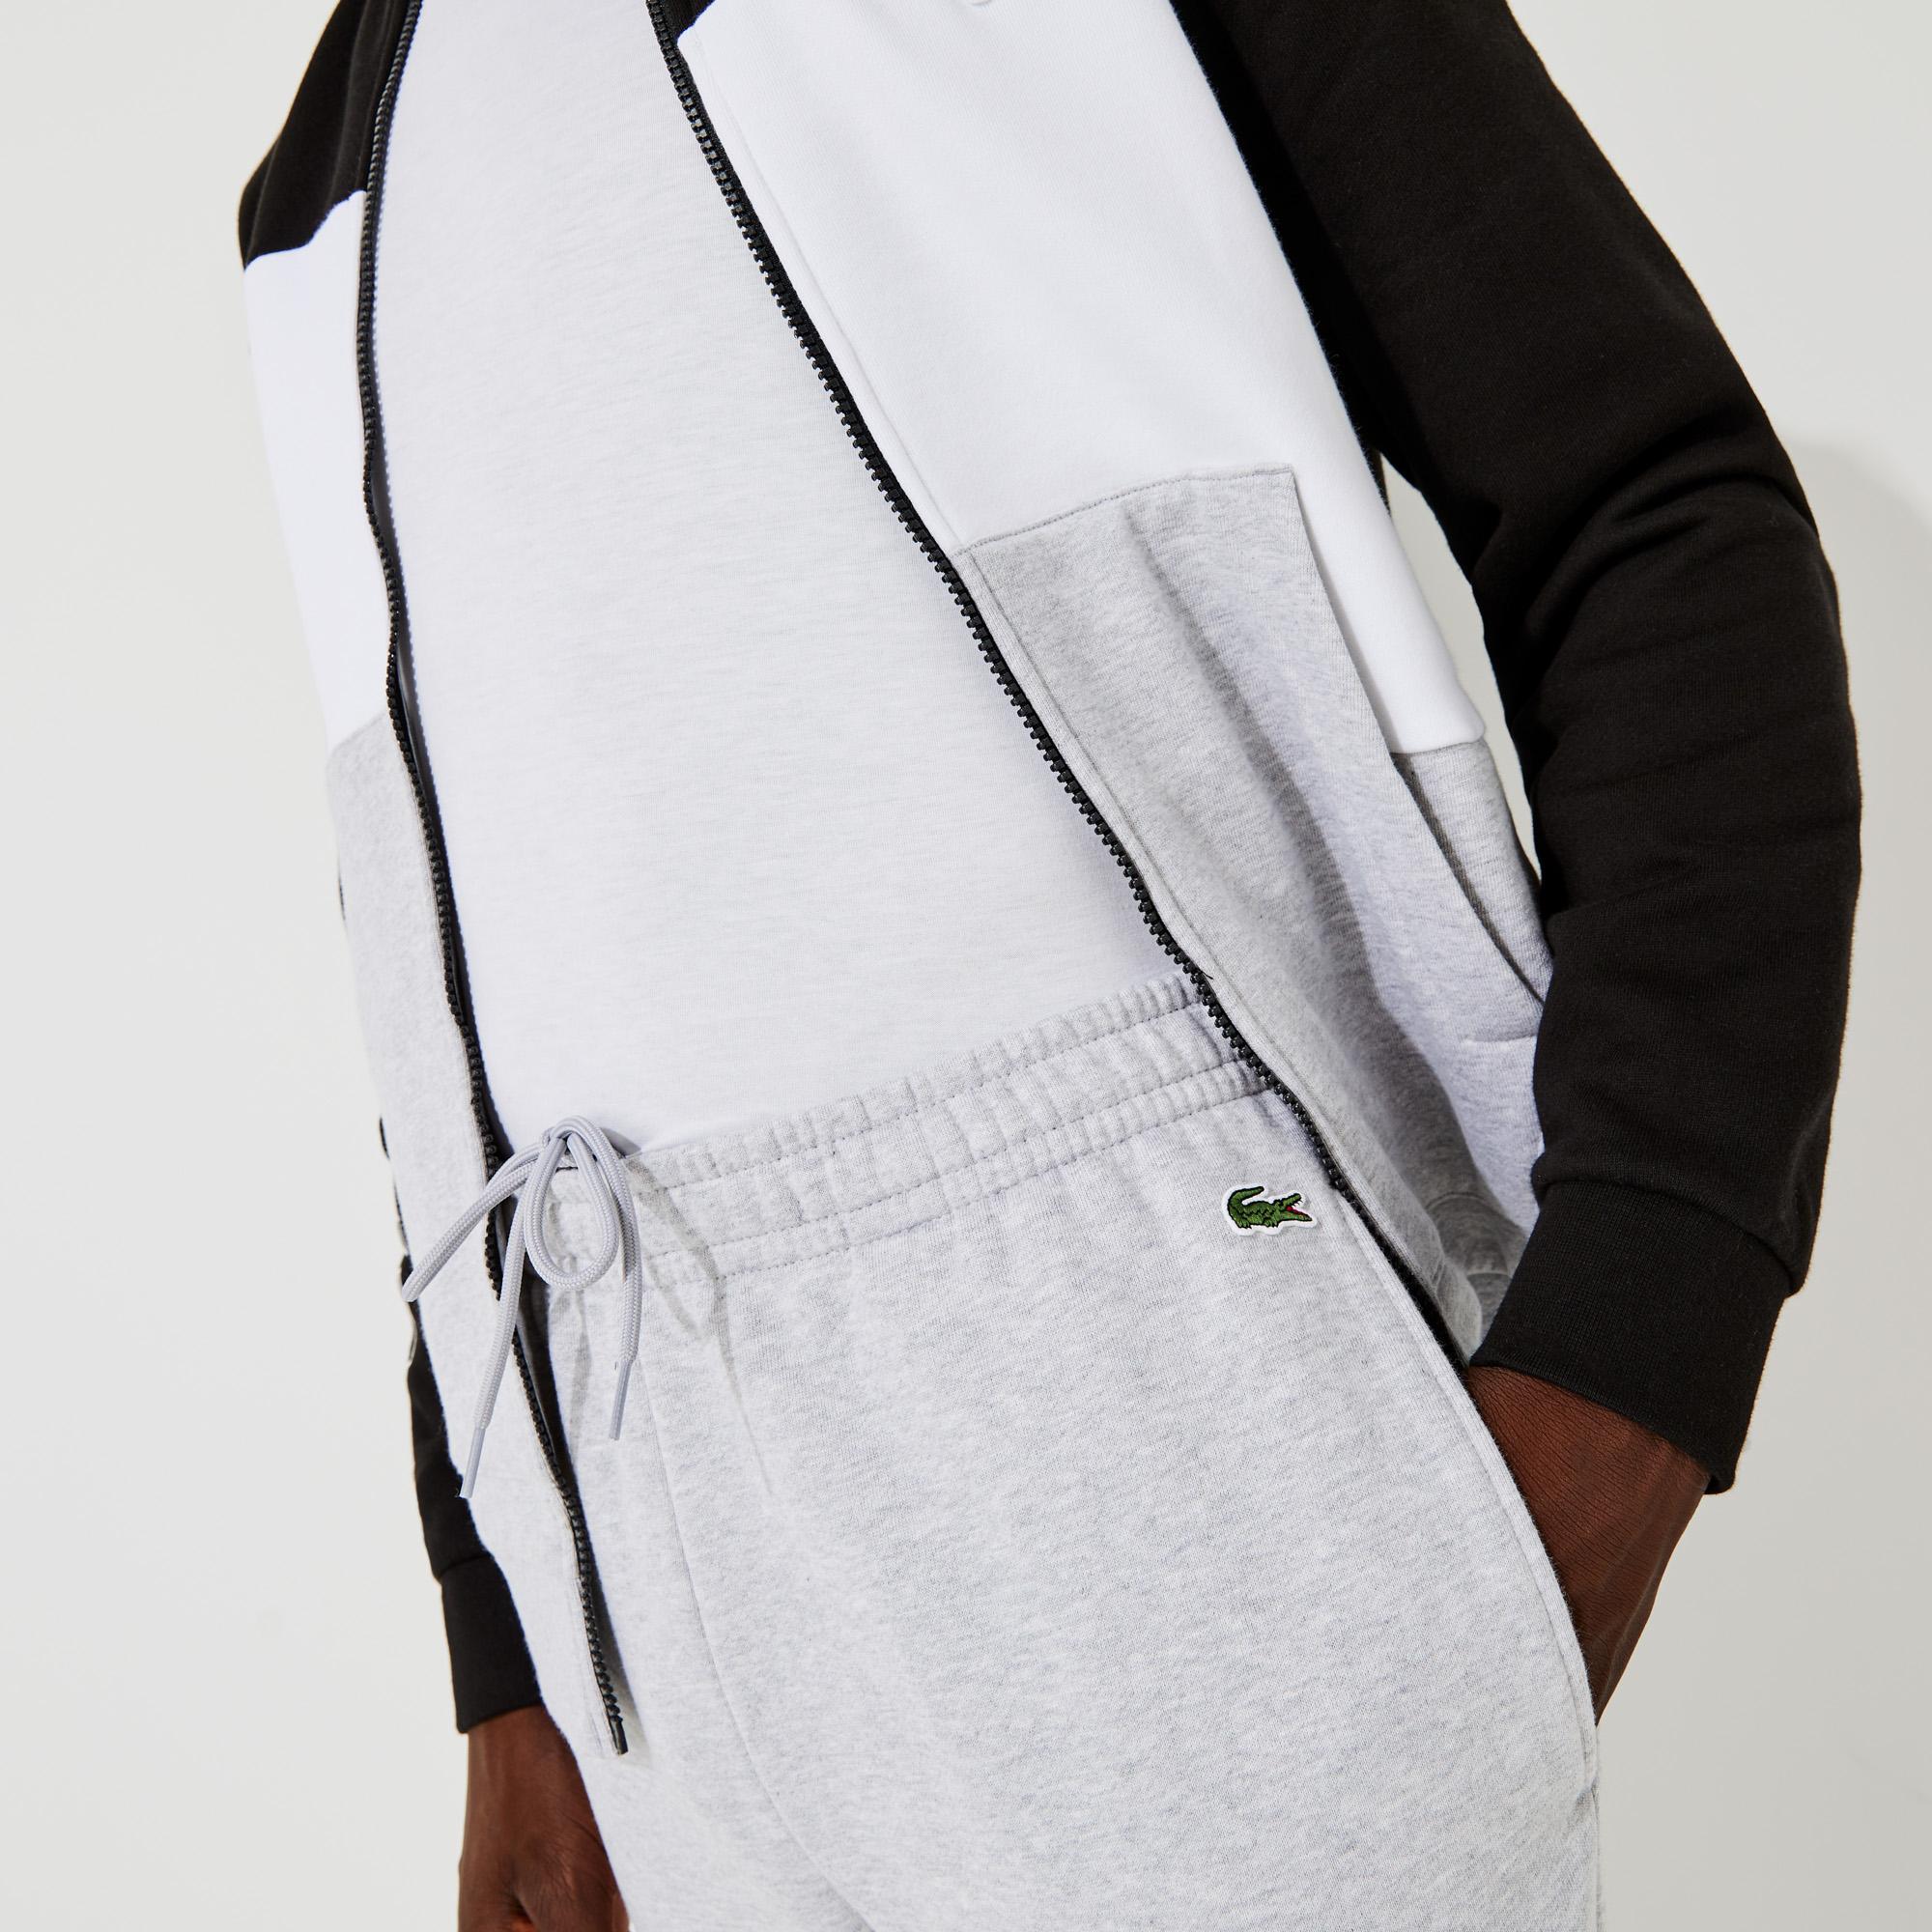 Lacoste Męska bluza polarowa, z nadrukiem, w bloki kolorystyczne